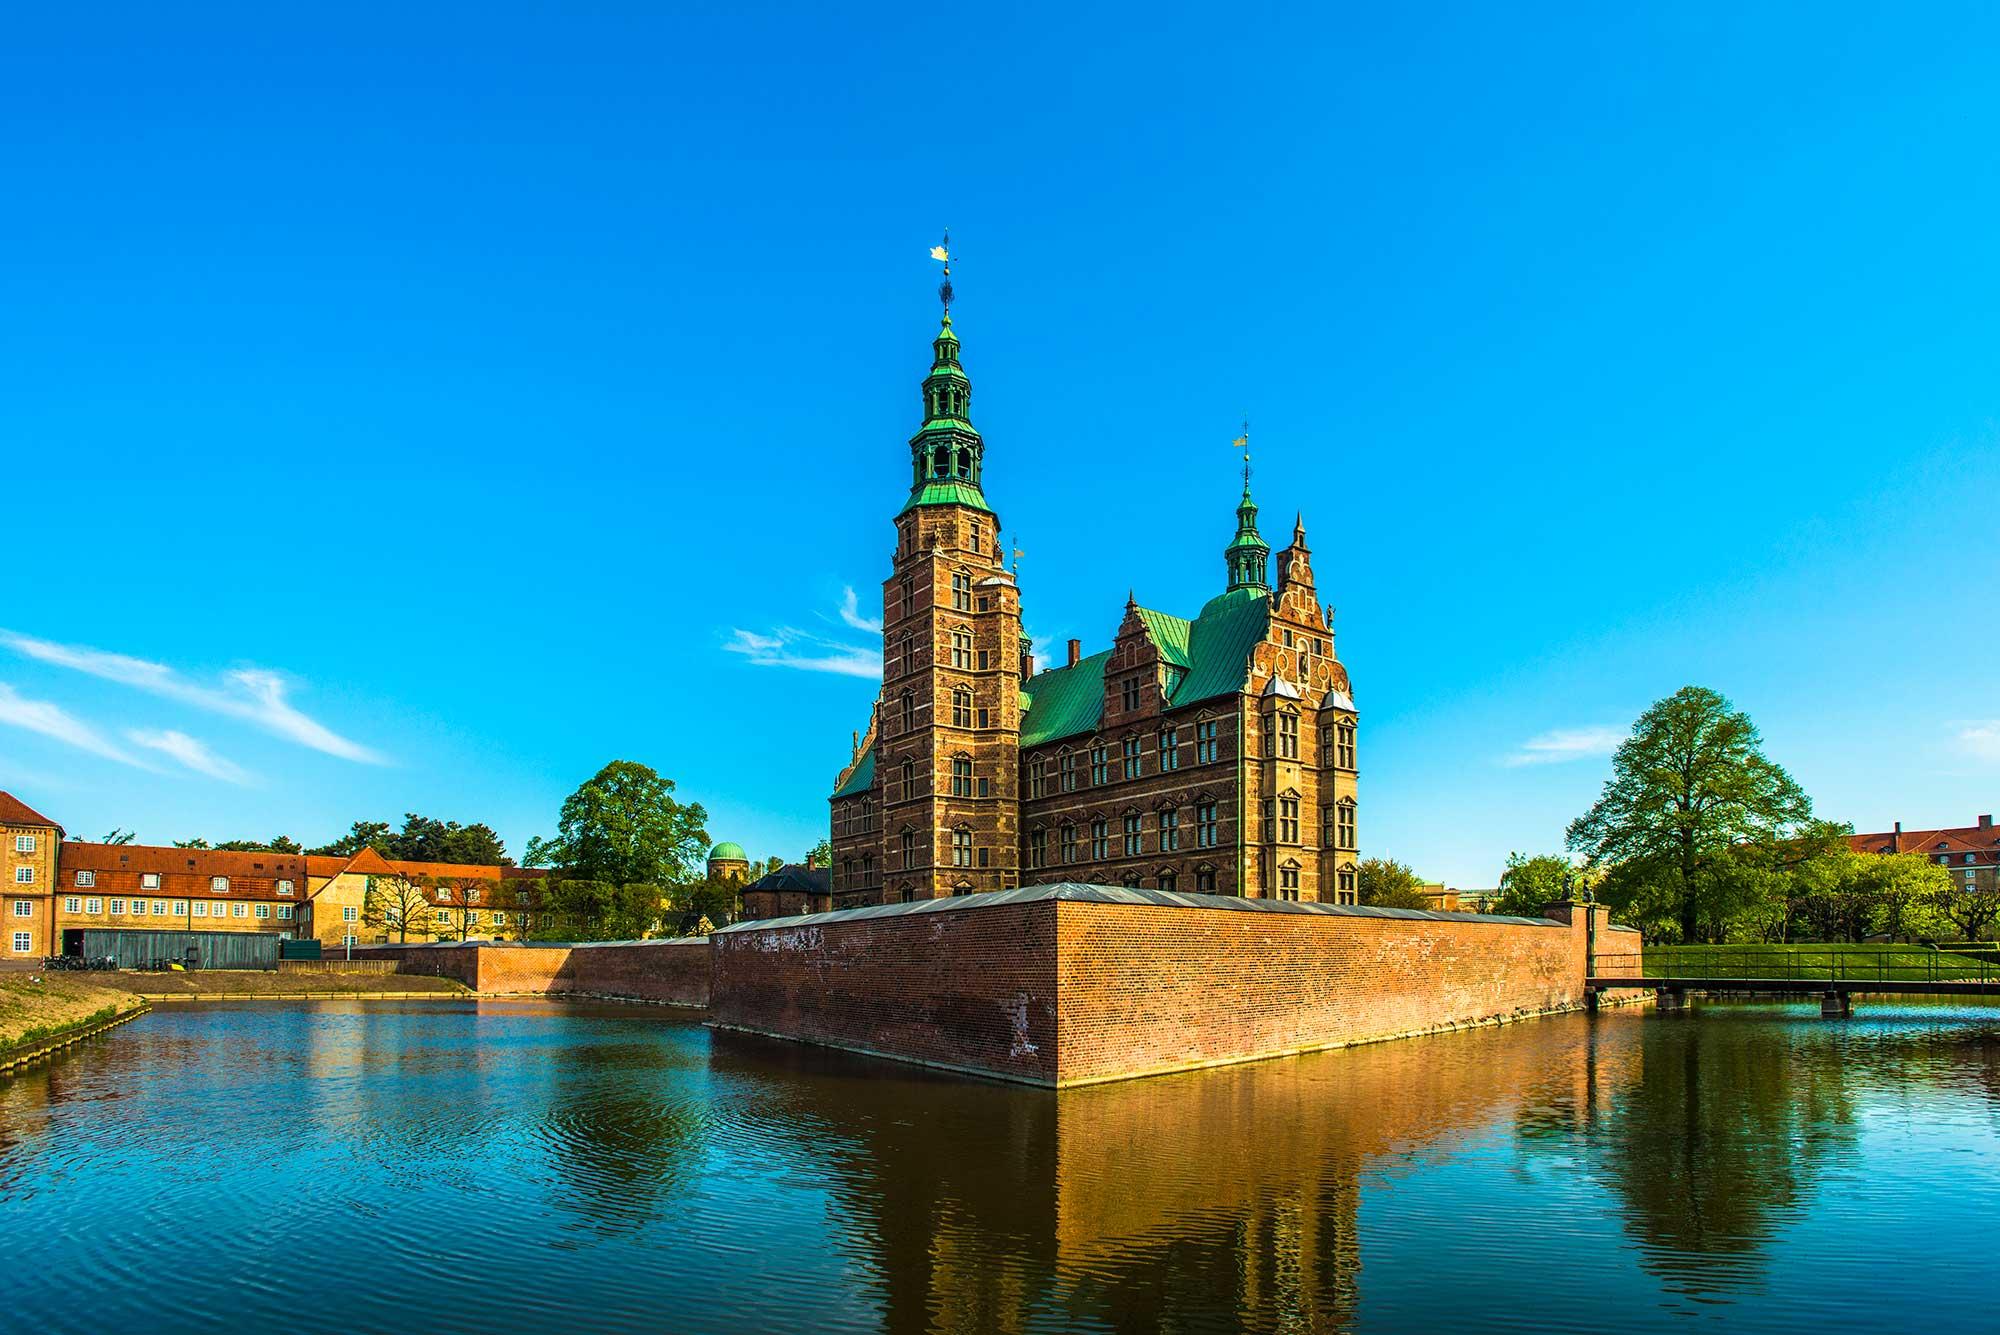 Rosenborg Castle - krestenhillerup.dk